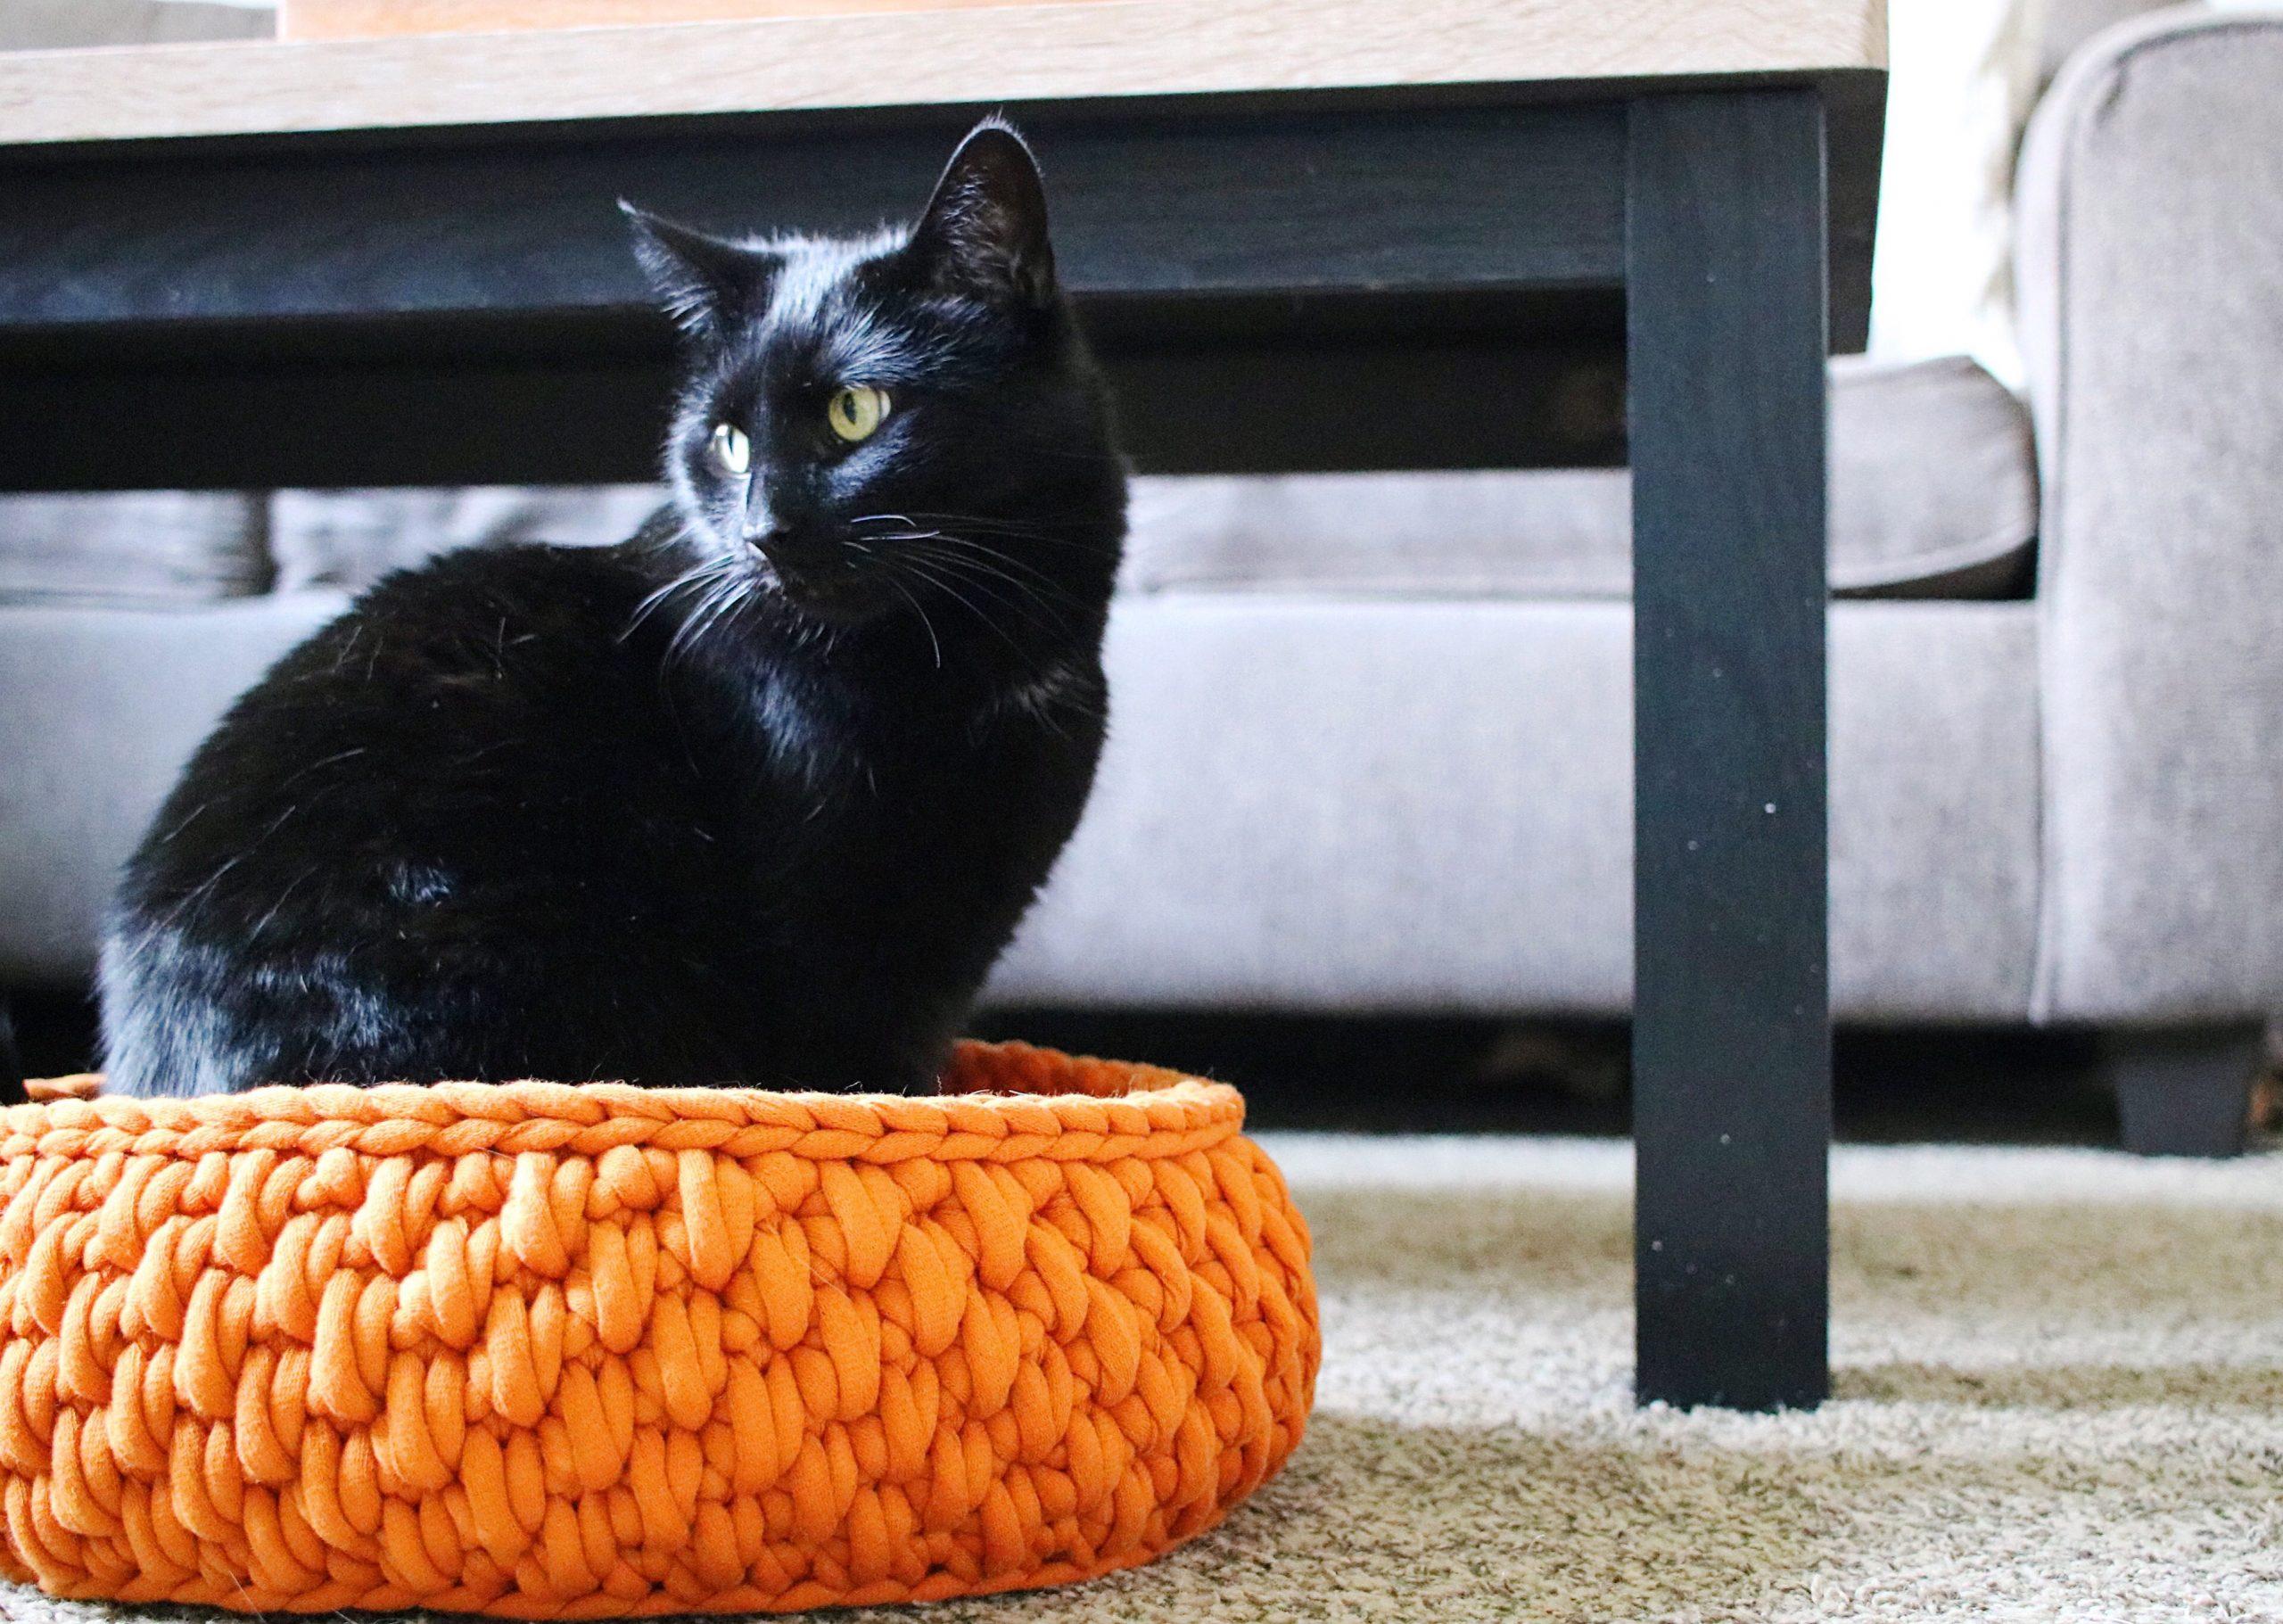 HAND CROCHET MERINO WOOL CAT BED IN 20 MINUTES.BECOZI - YouTube   2730x3838